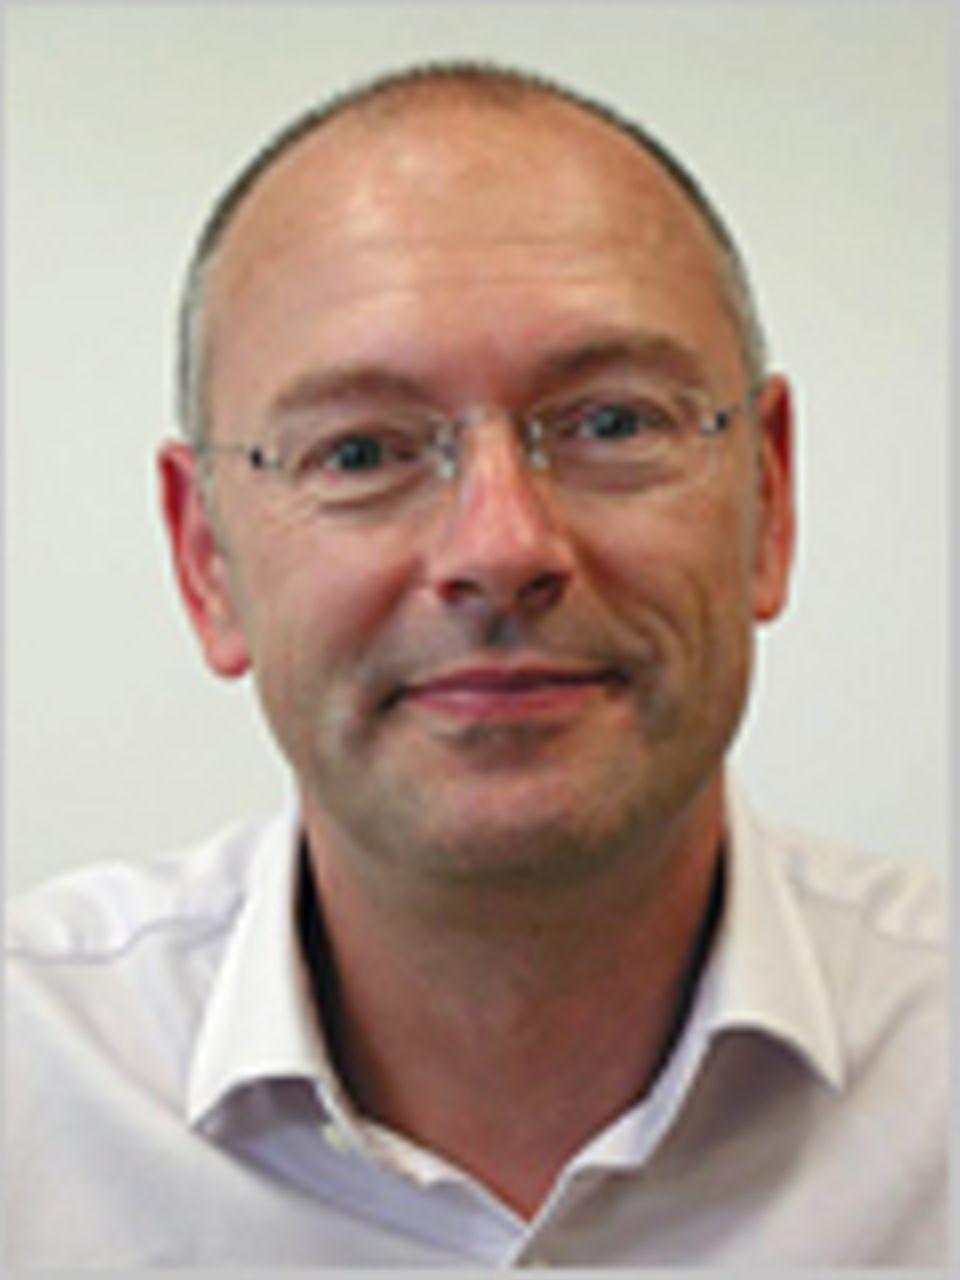 Dr. Peter Barthol arbeitet als Experimentalphysiker und Instrumenten- bauer am Max- Planck-Institut für Sonnensystem- forschung im nieder- sächsischen Katlenburg-Lindau. Er und sein Team plan- ten, rechneten und schraubten sechs Jahre lang, bis das SUNRISE- Teleskop zu seinem ersten Forschungsflug abheben durfte.